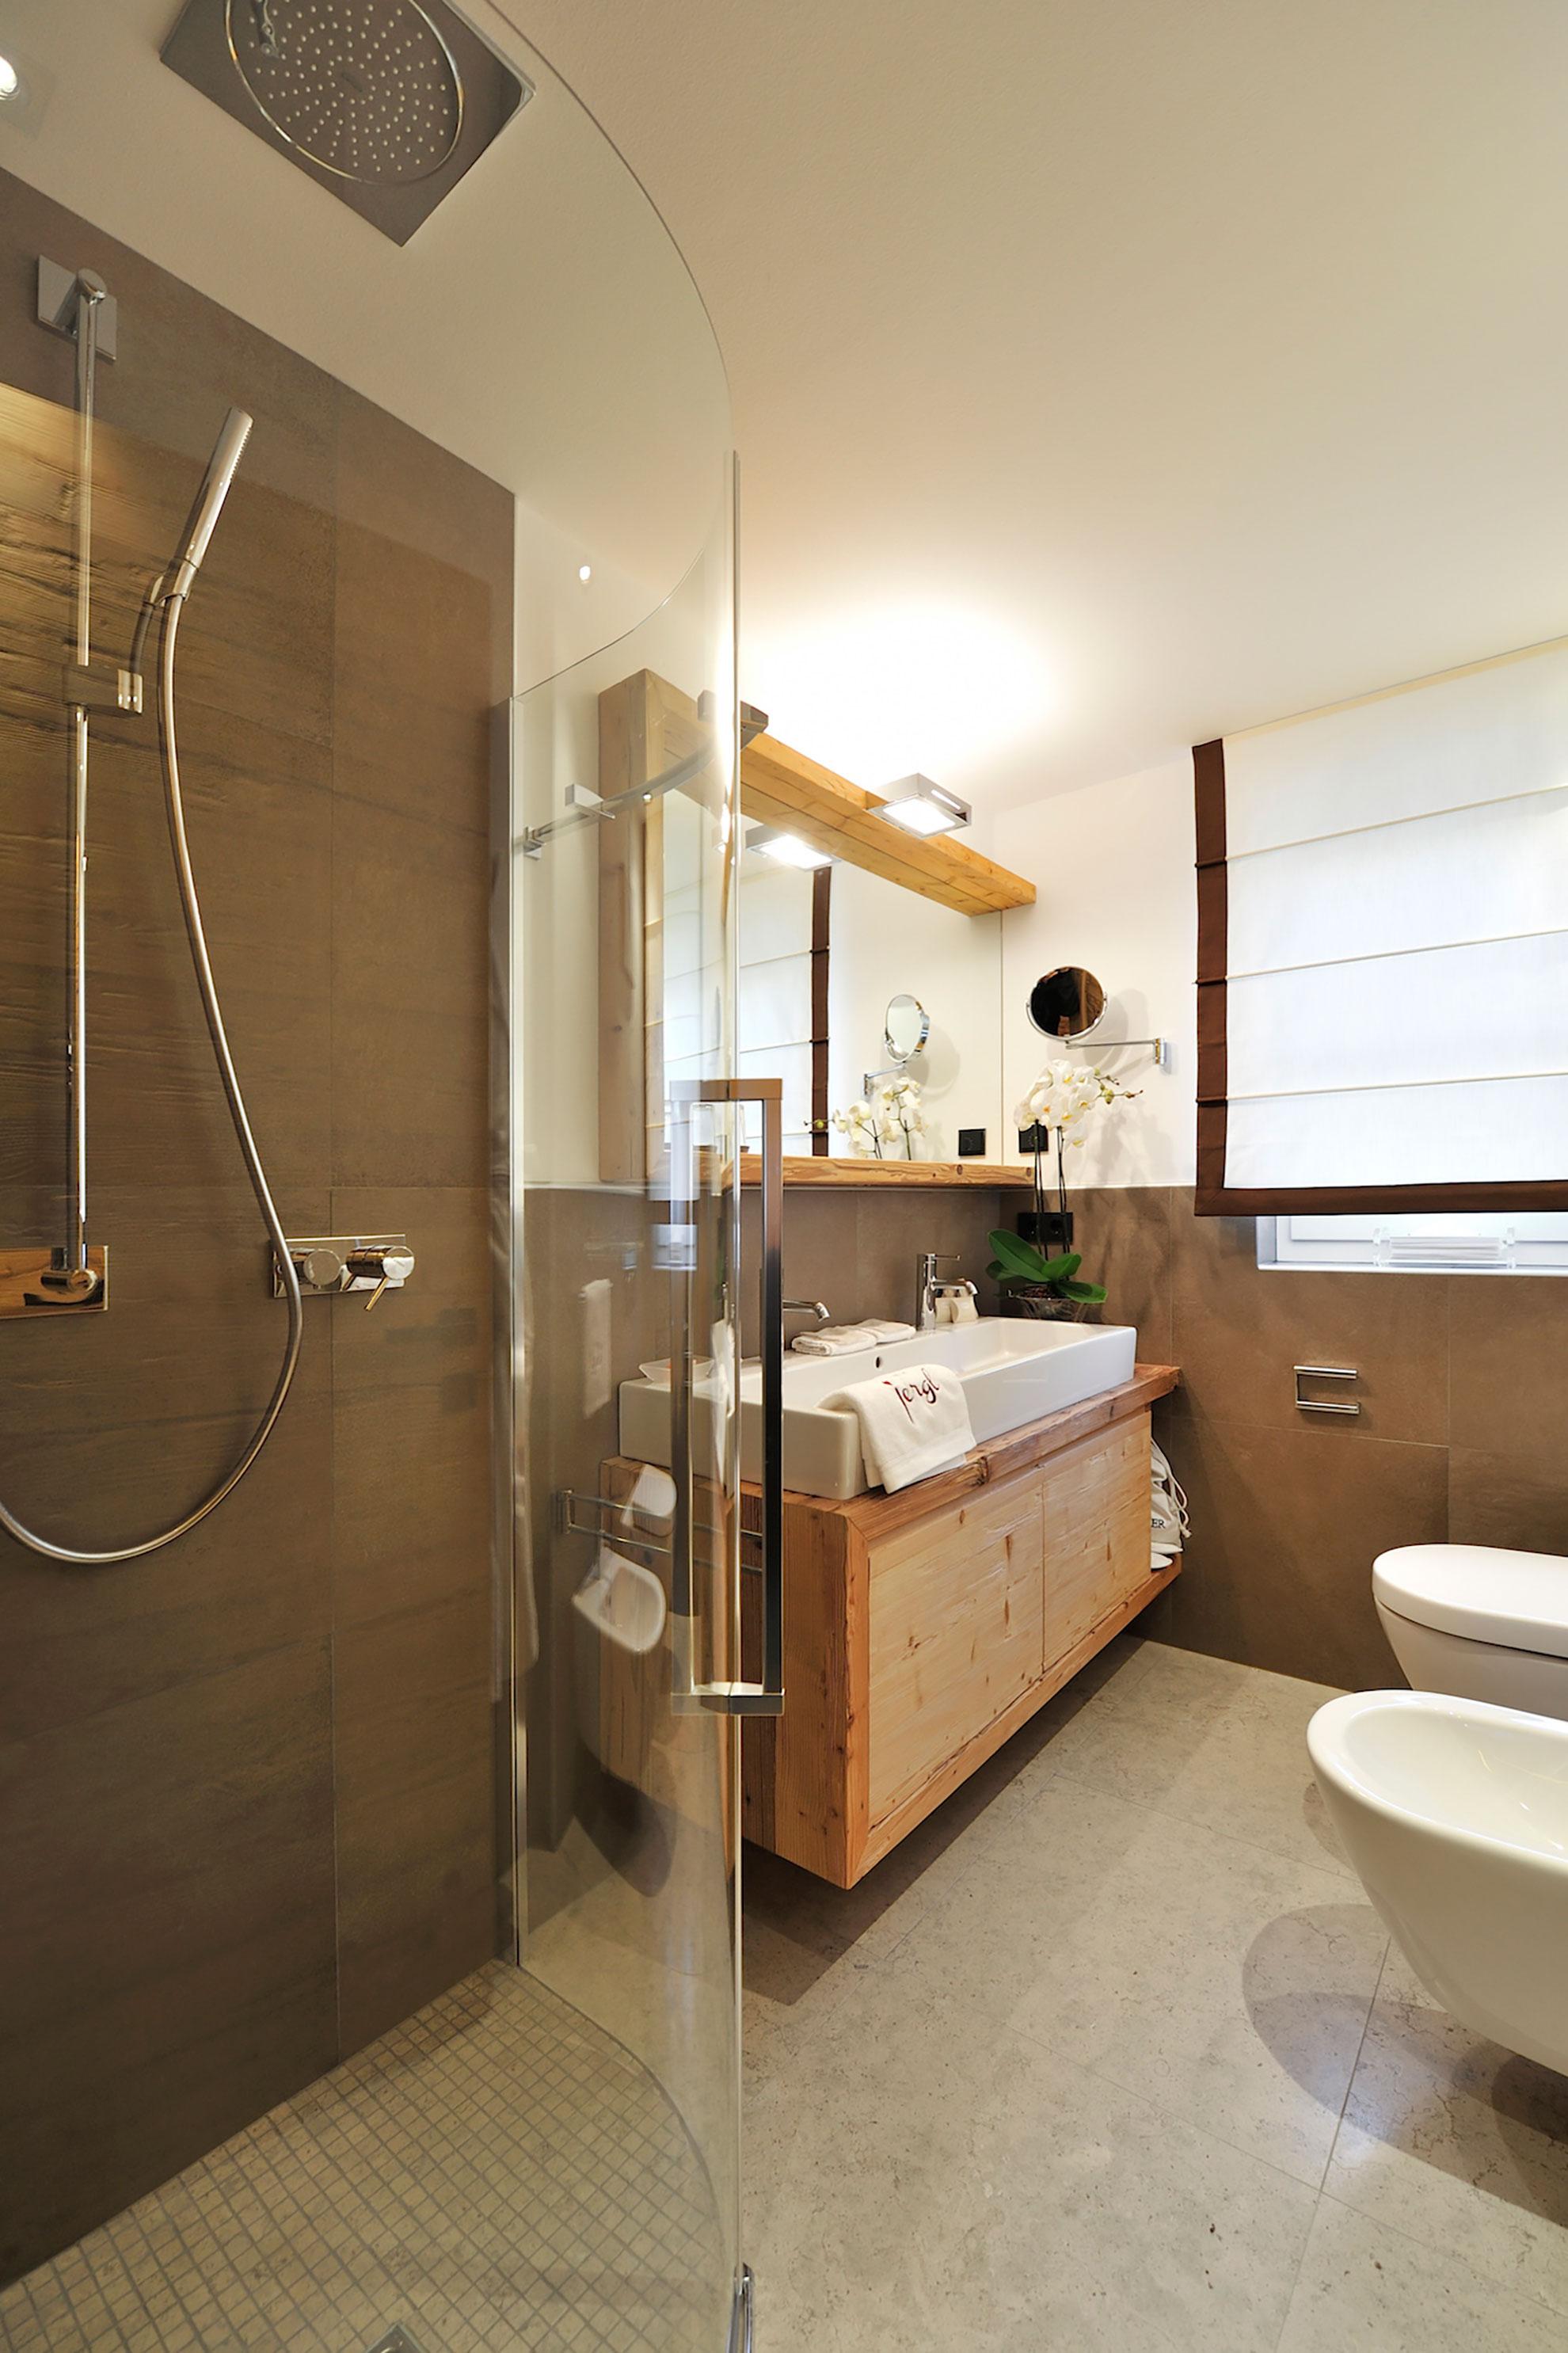 Lujoso Cocina Escala De Alimentos Bed Bath And Beyond Elaboración ...